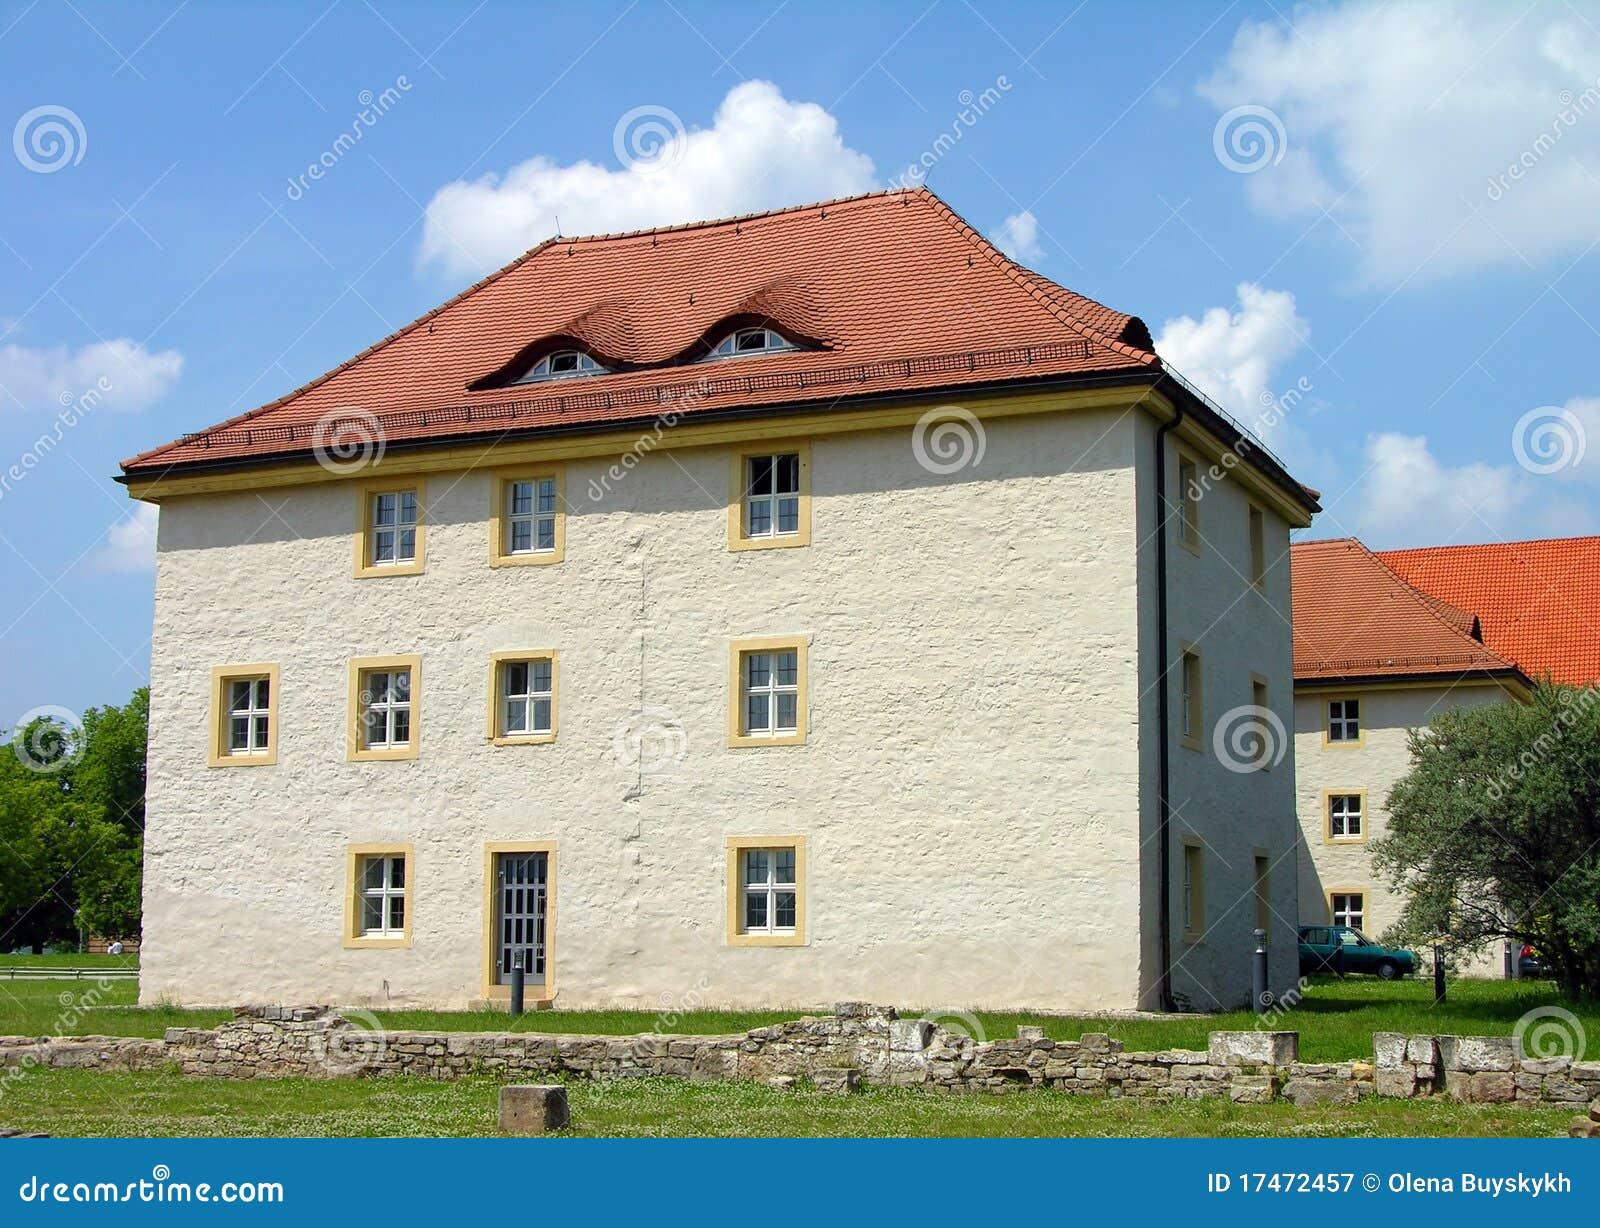 Camera con gli finestra occhi sul tetto immagine stock immagine di citt costruzione 17472457 - Finestra sul tetto ...